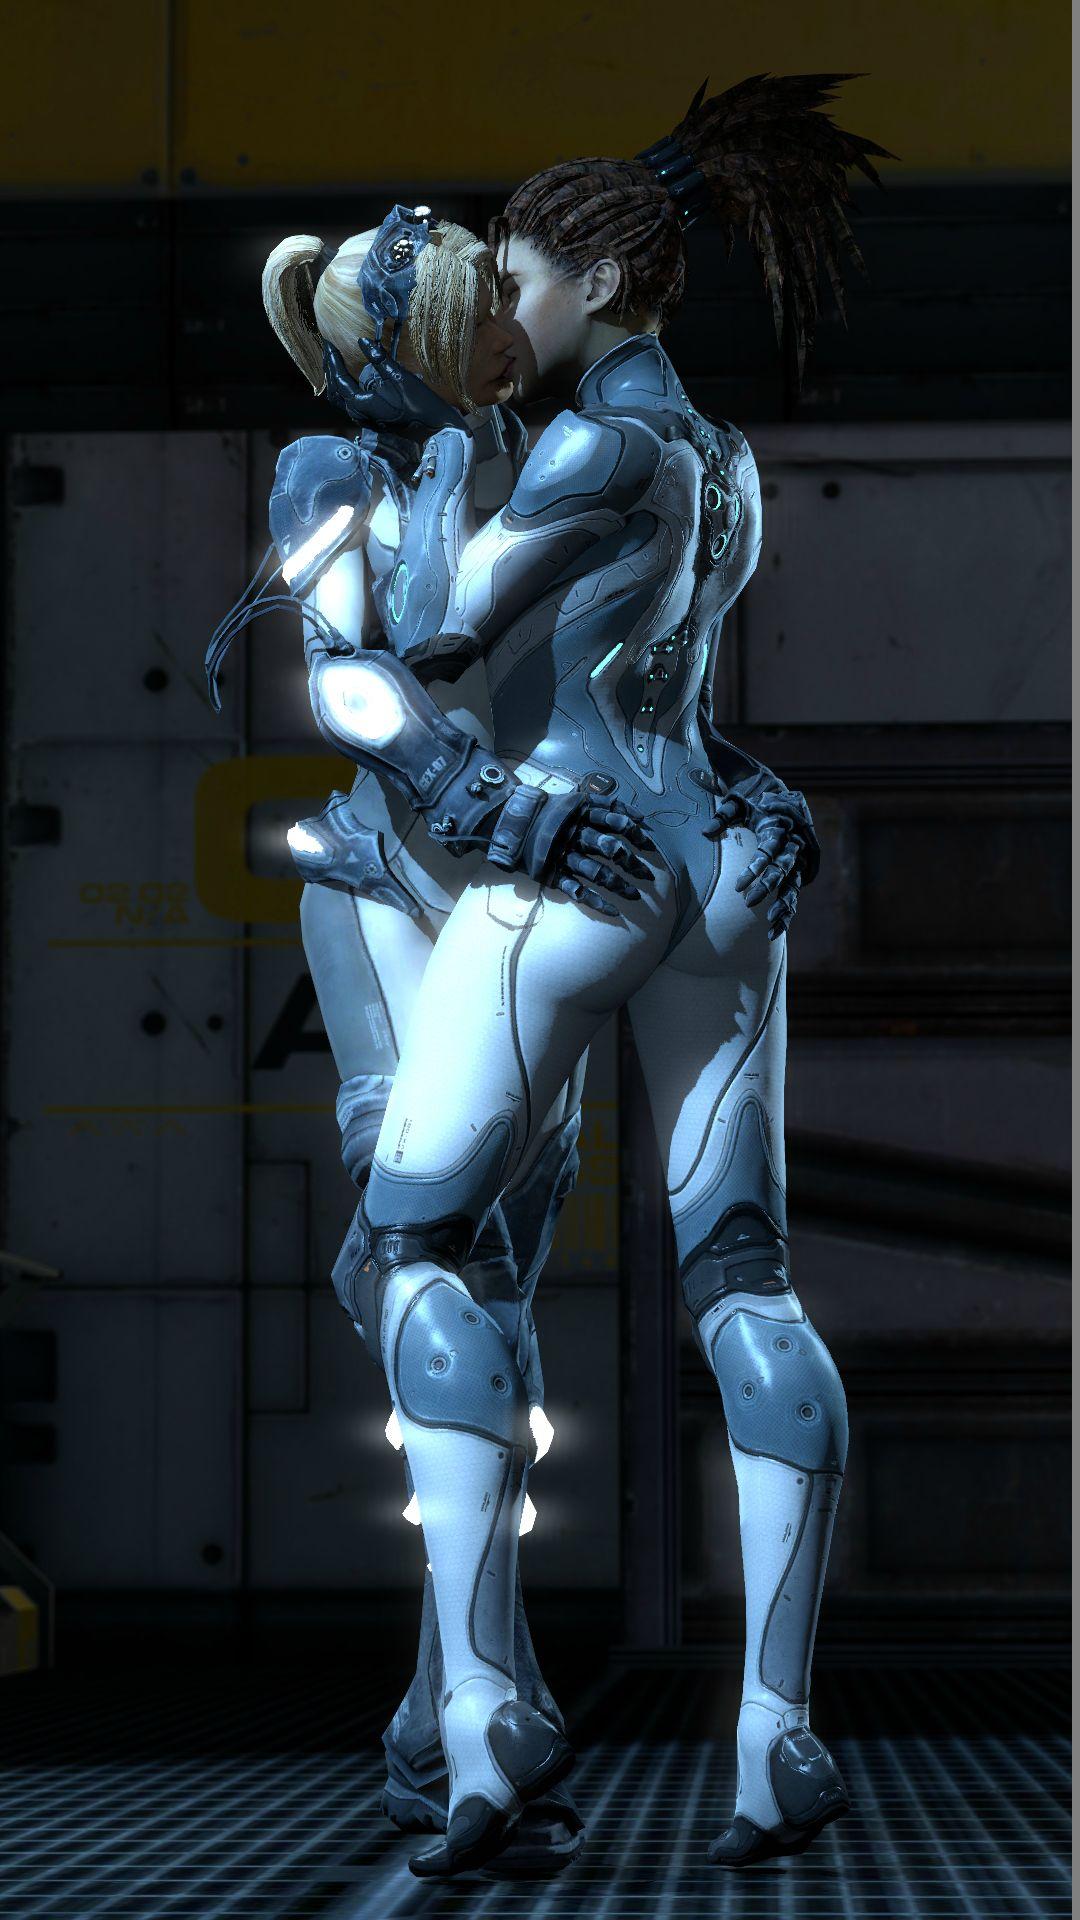 Starcraft sarah kerrigan human